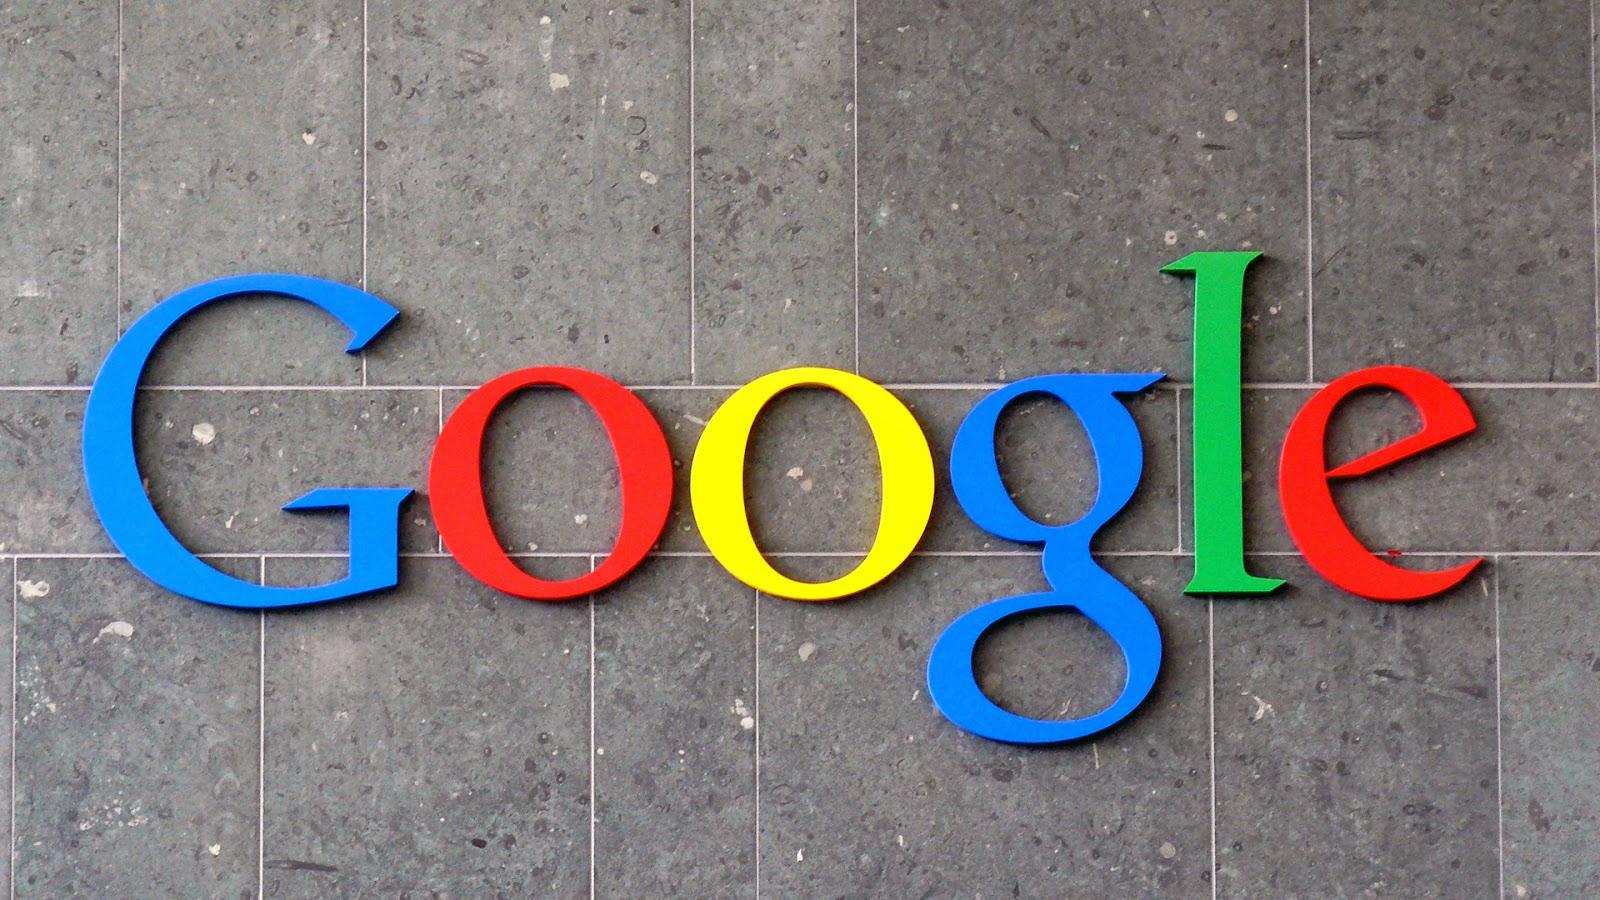 تعرف على خطة جوجل لجعل الإنترنيت أسرع